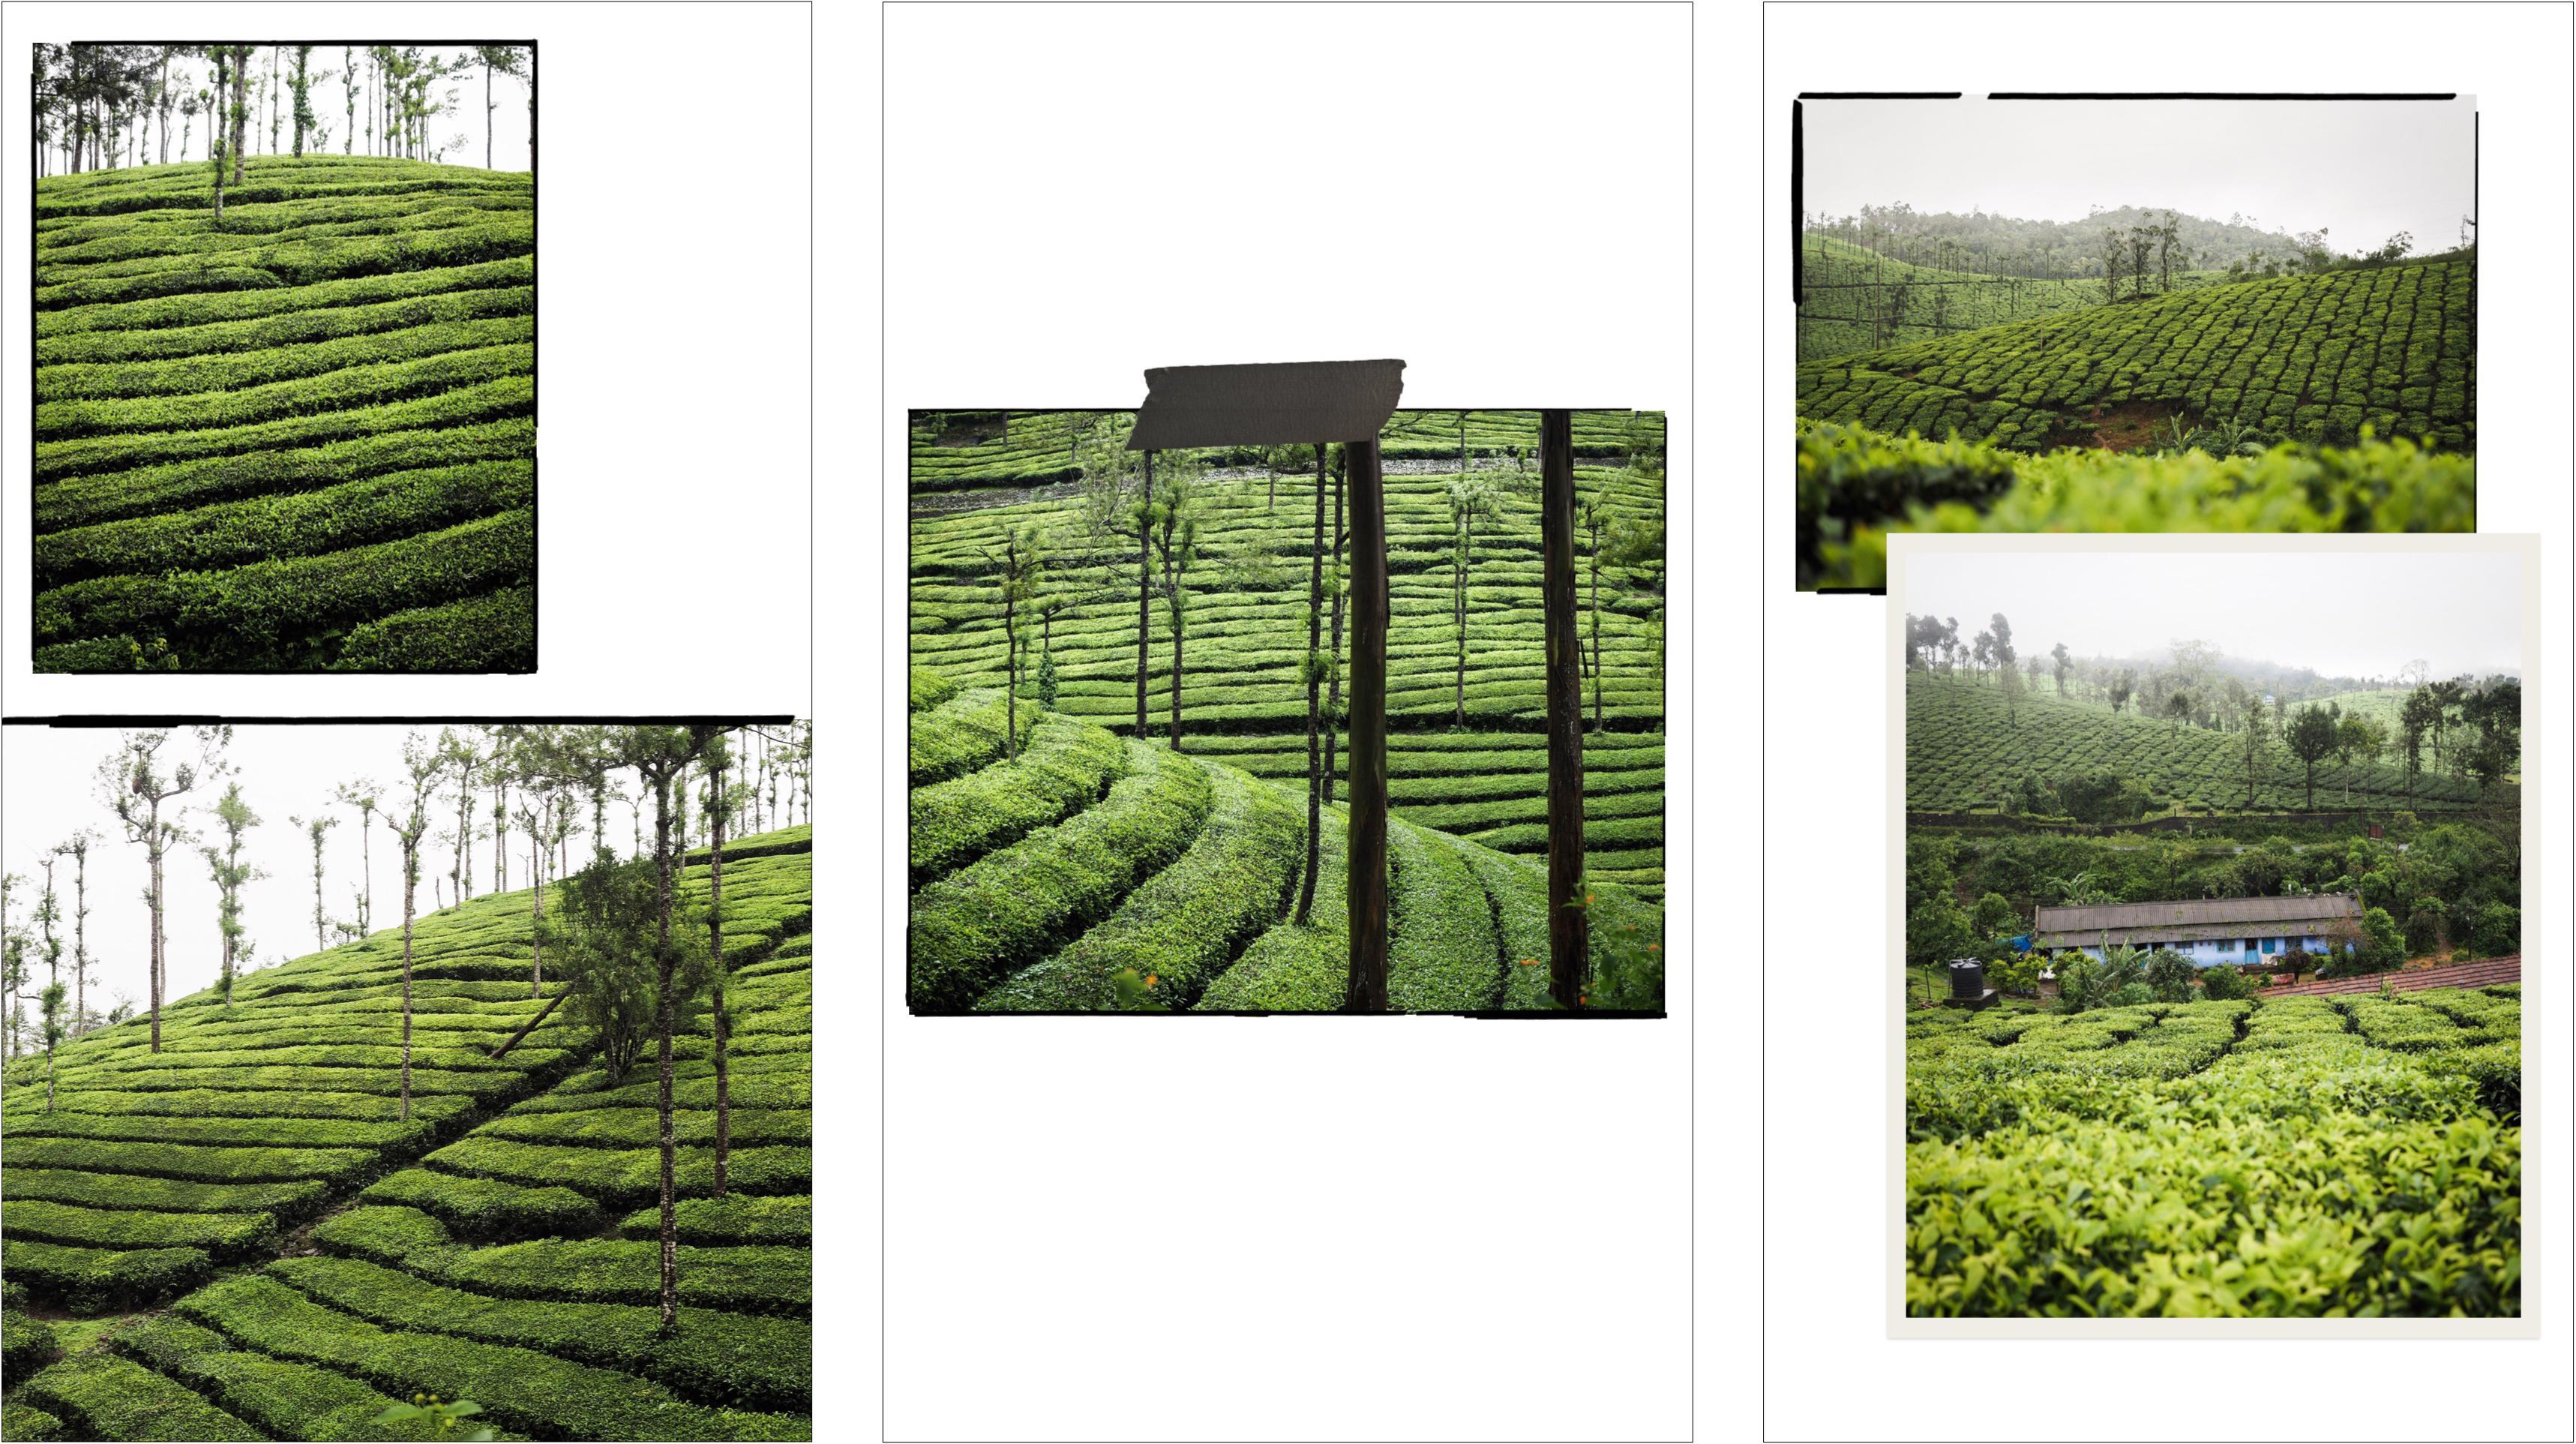 voyage au kerala - photos du kerala - découvrir l'inde - plantations de thé